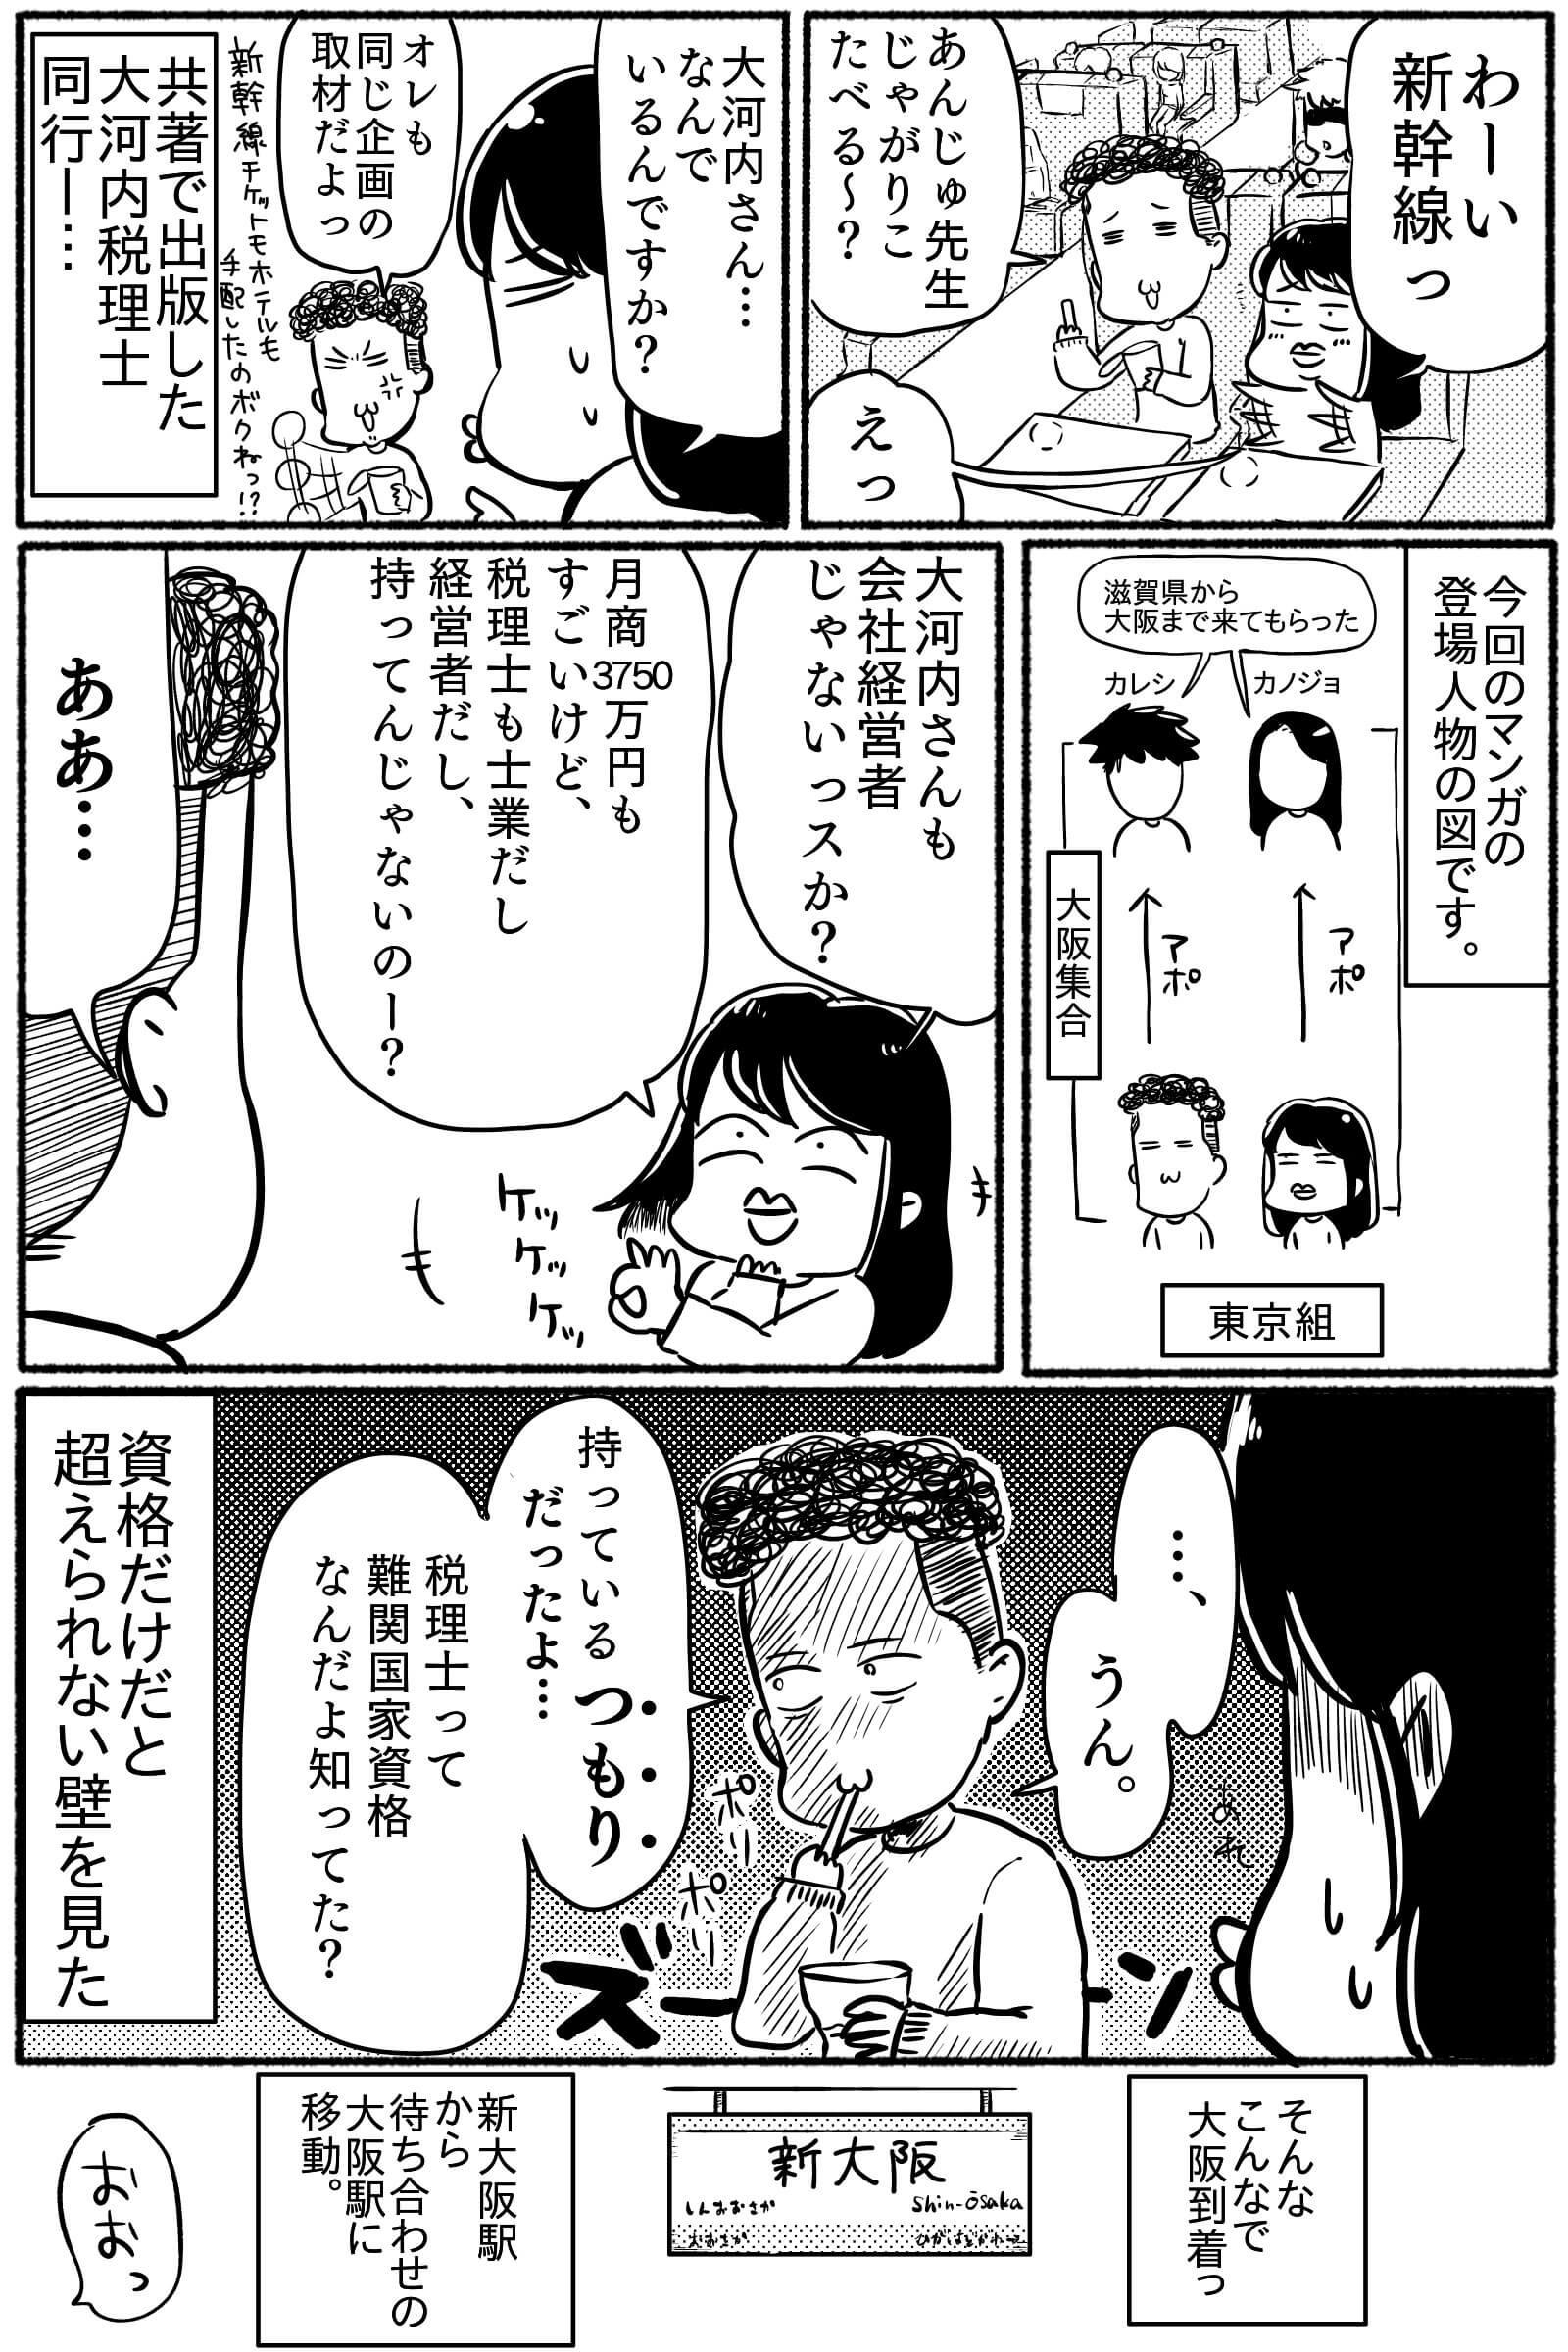 迫君漫画2